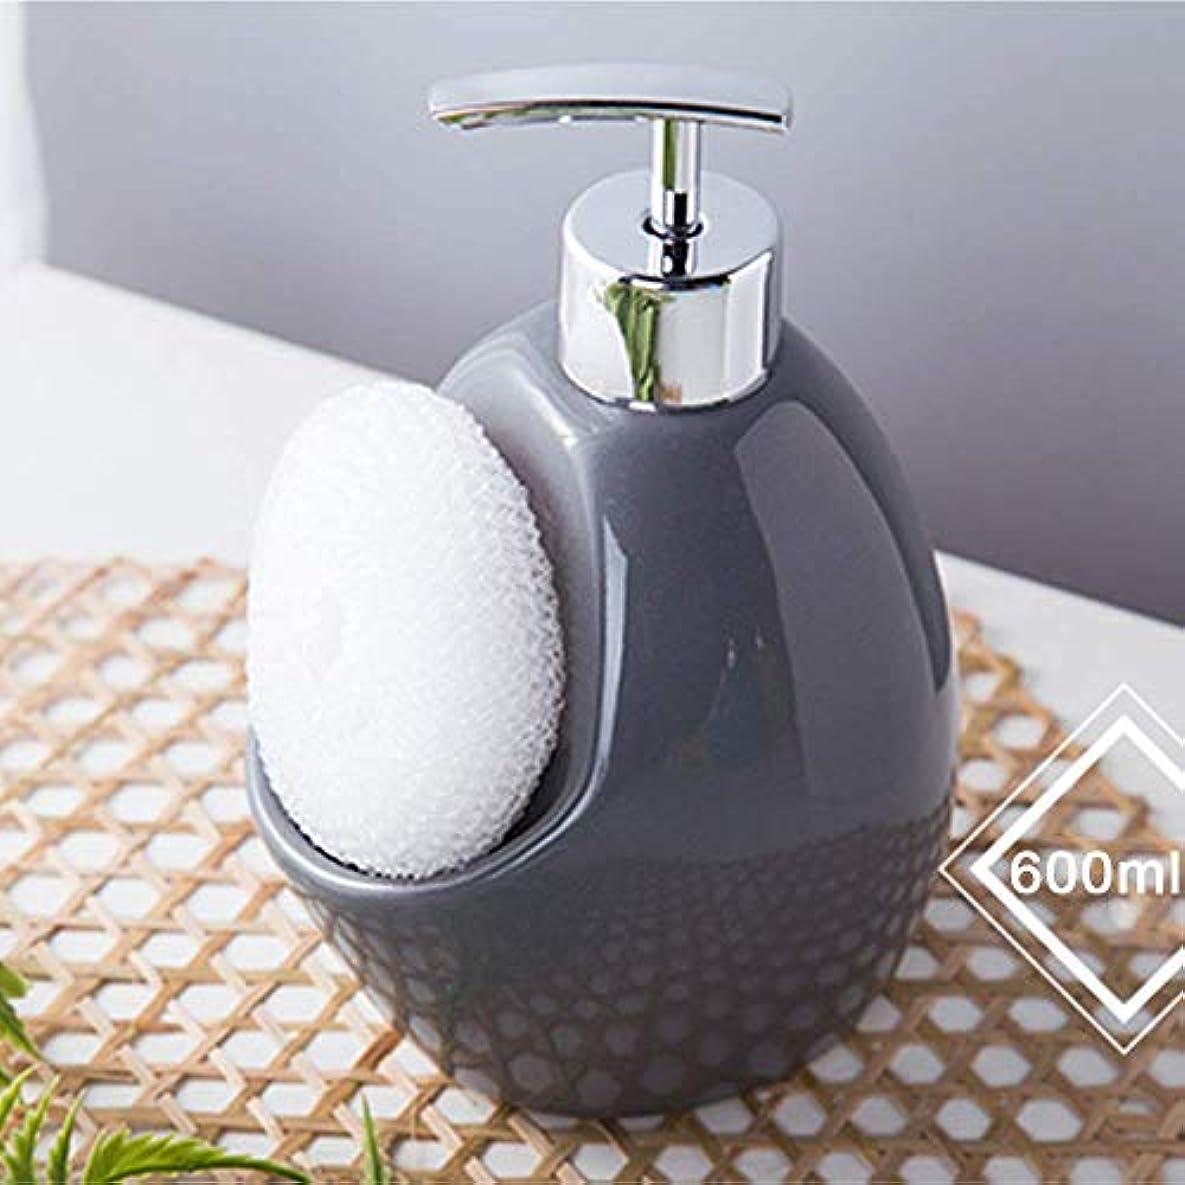 安全性ロードブロッキングソープディスペンサー液体、手動ポンプボトル、詰め替え可能-食器用洗剤/ハンドソープ/シャワージェル、セラミック-600ml(青、グレー)